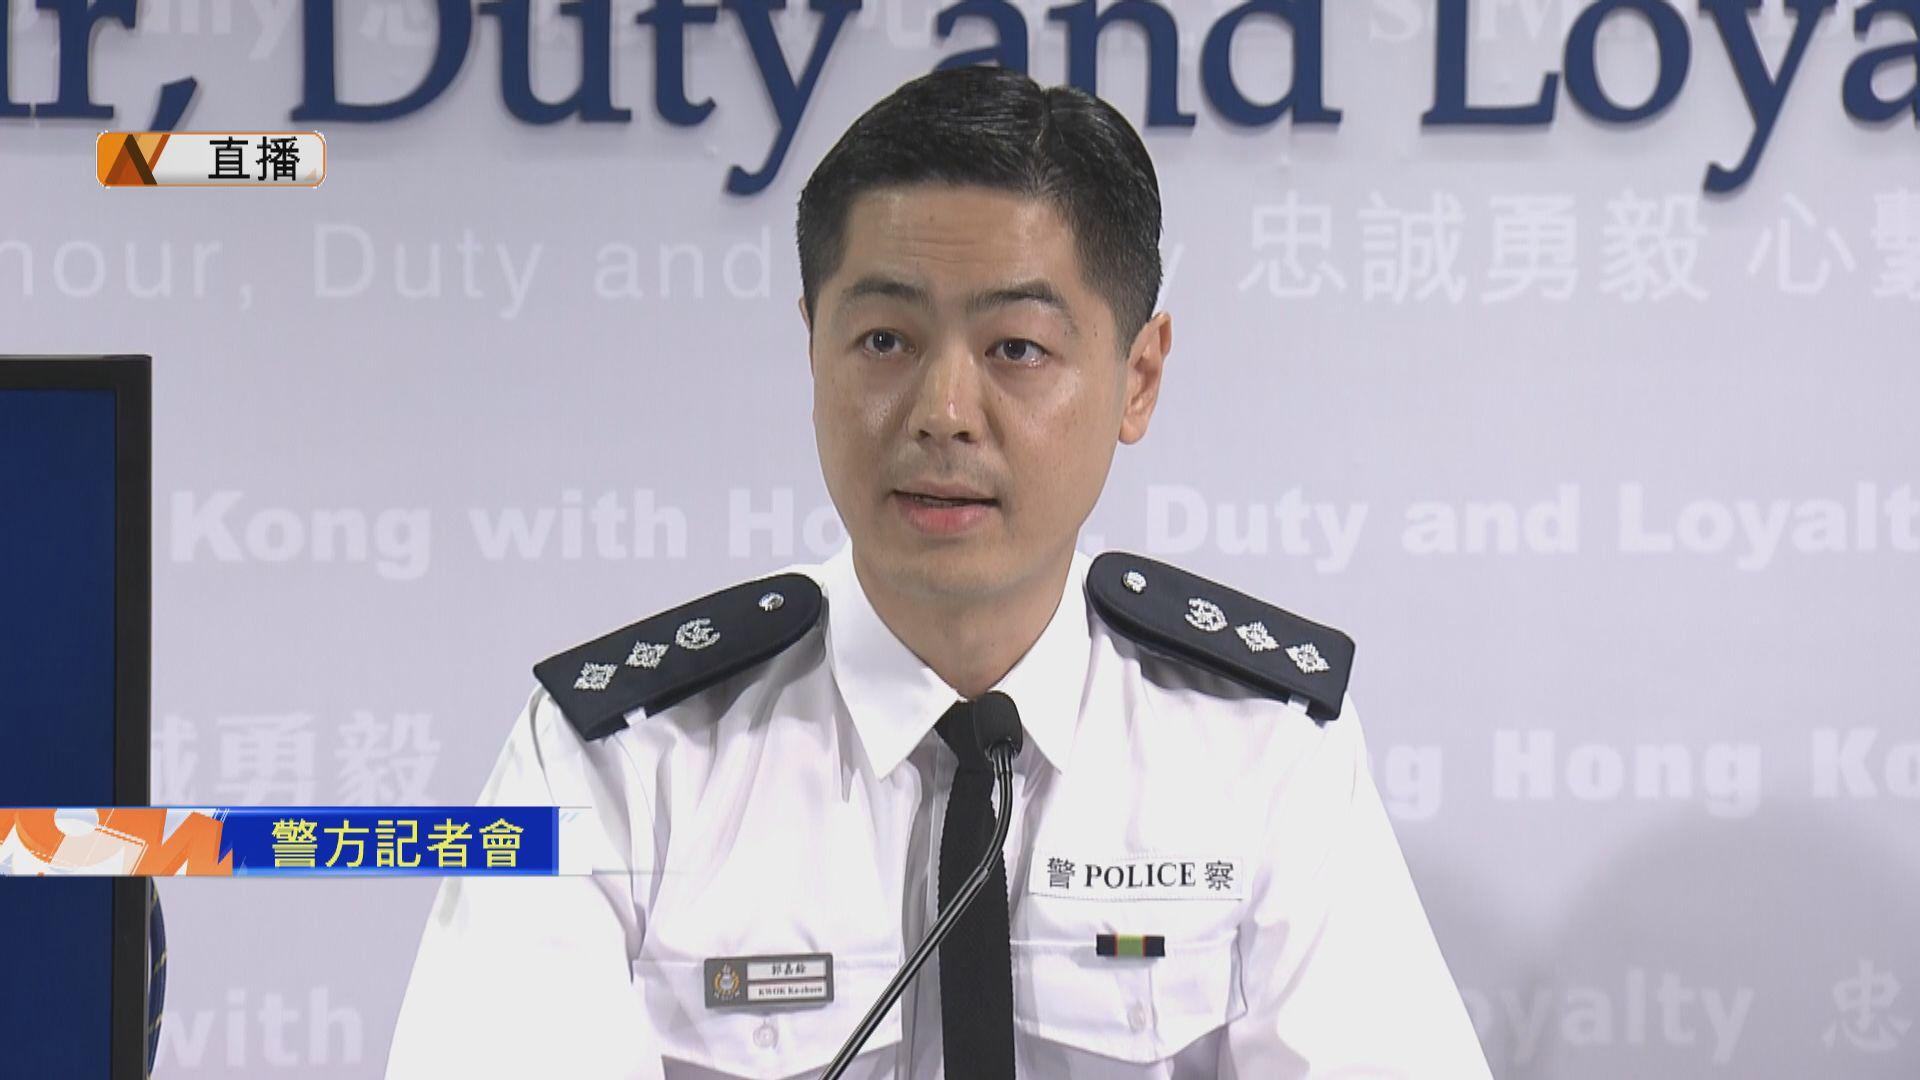 【最新】警方:遊行期間放催淚彈 因有人偏離路線及向警員擲磚